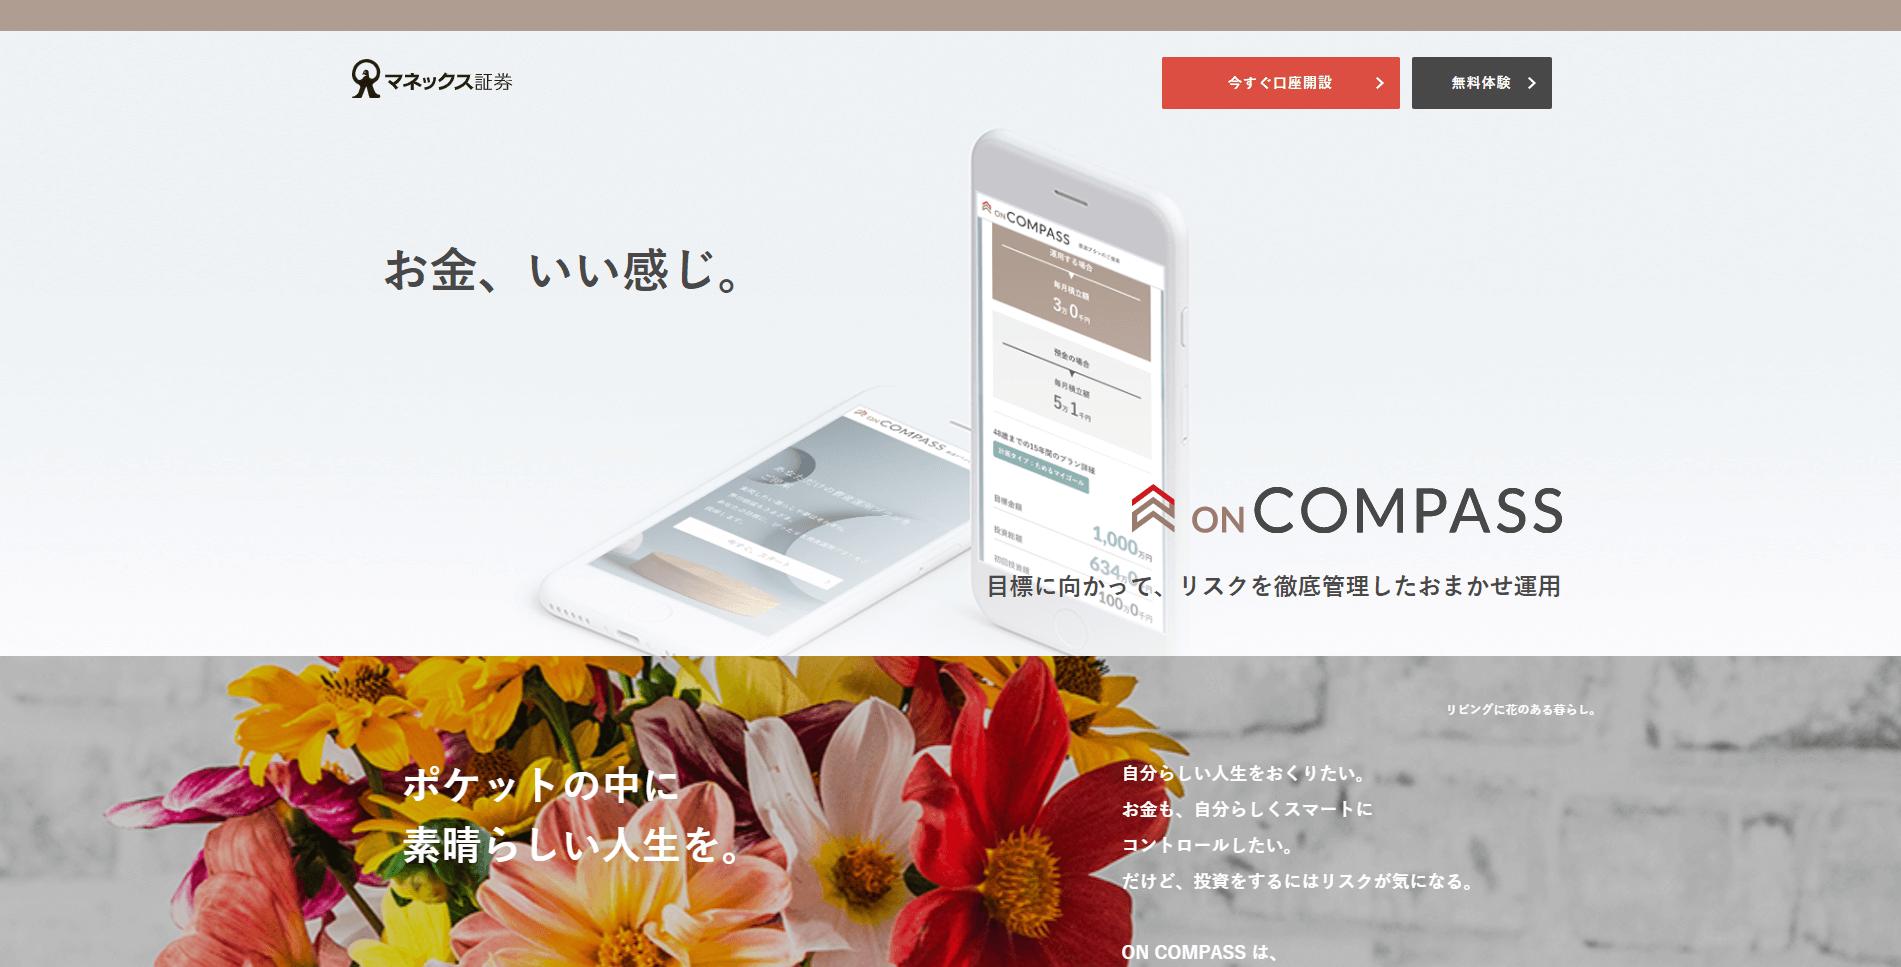 オン コンパス(ON COMPASS)